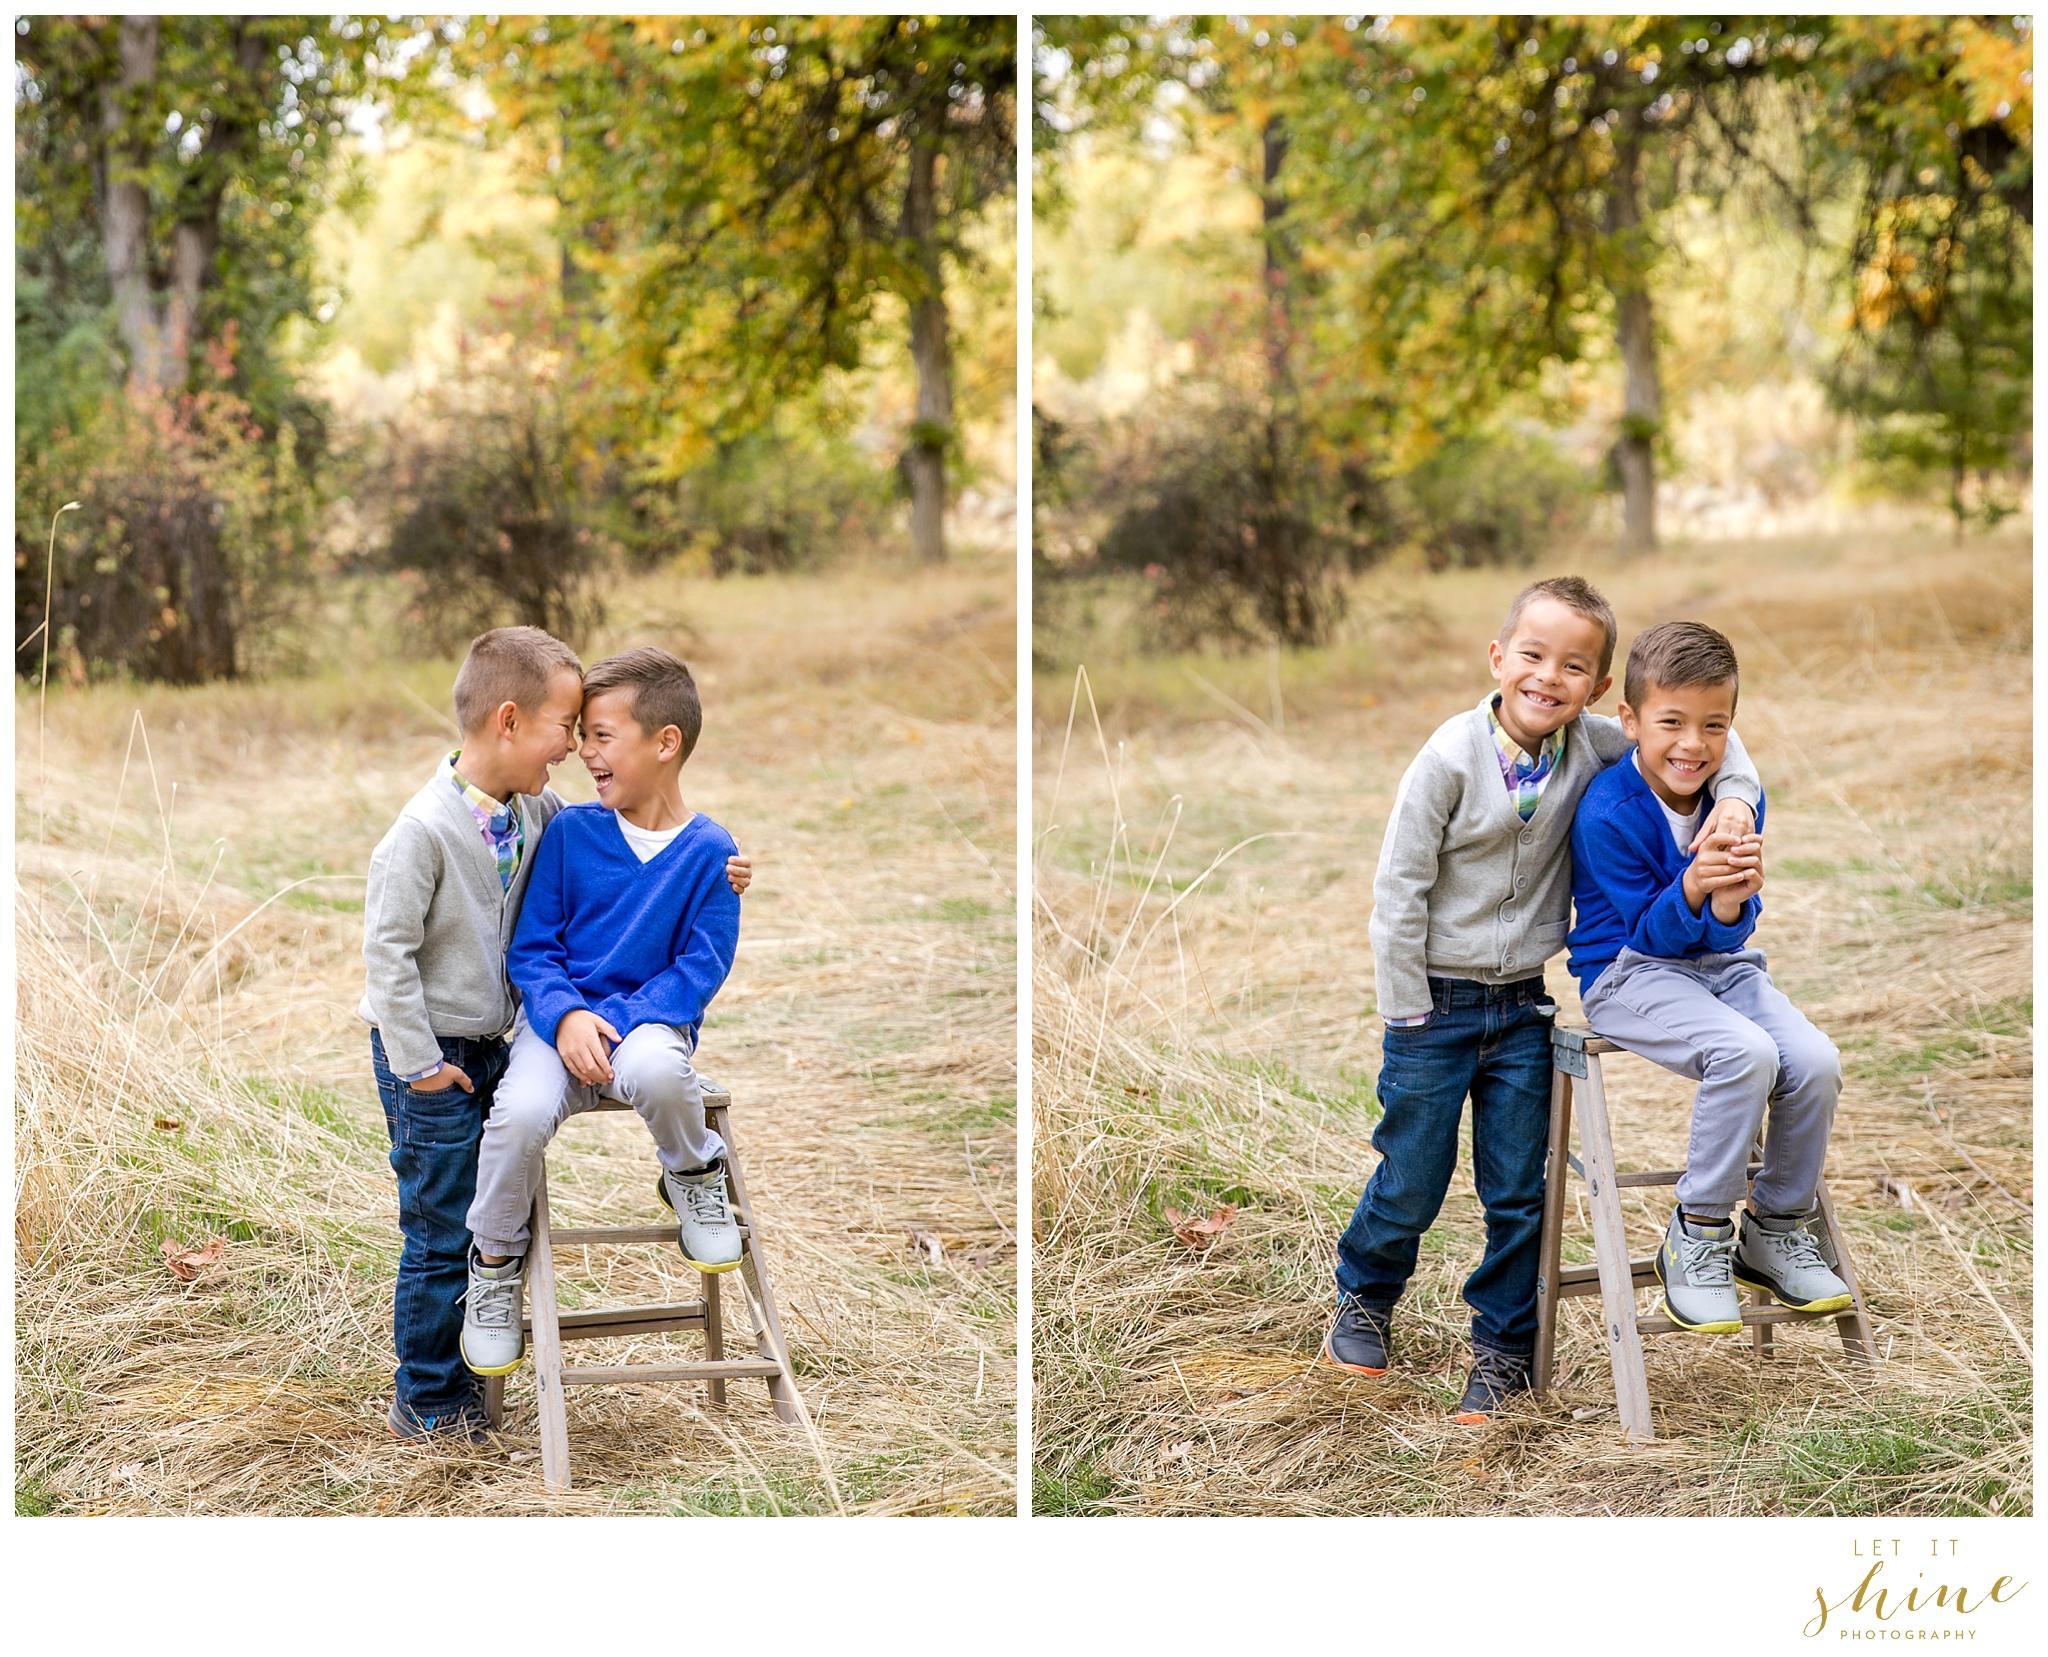 Boise Fall Family Photographer-4.jpg